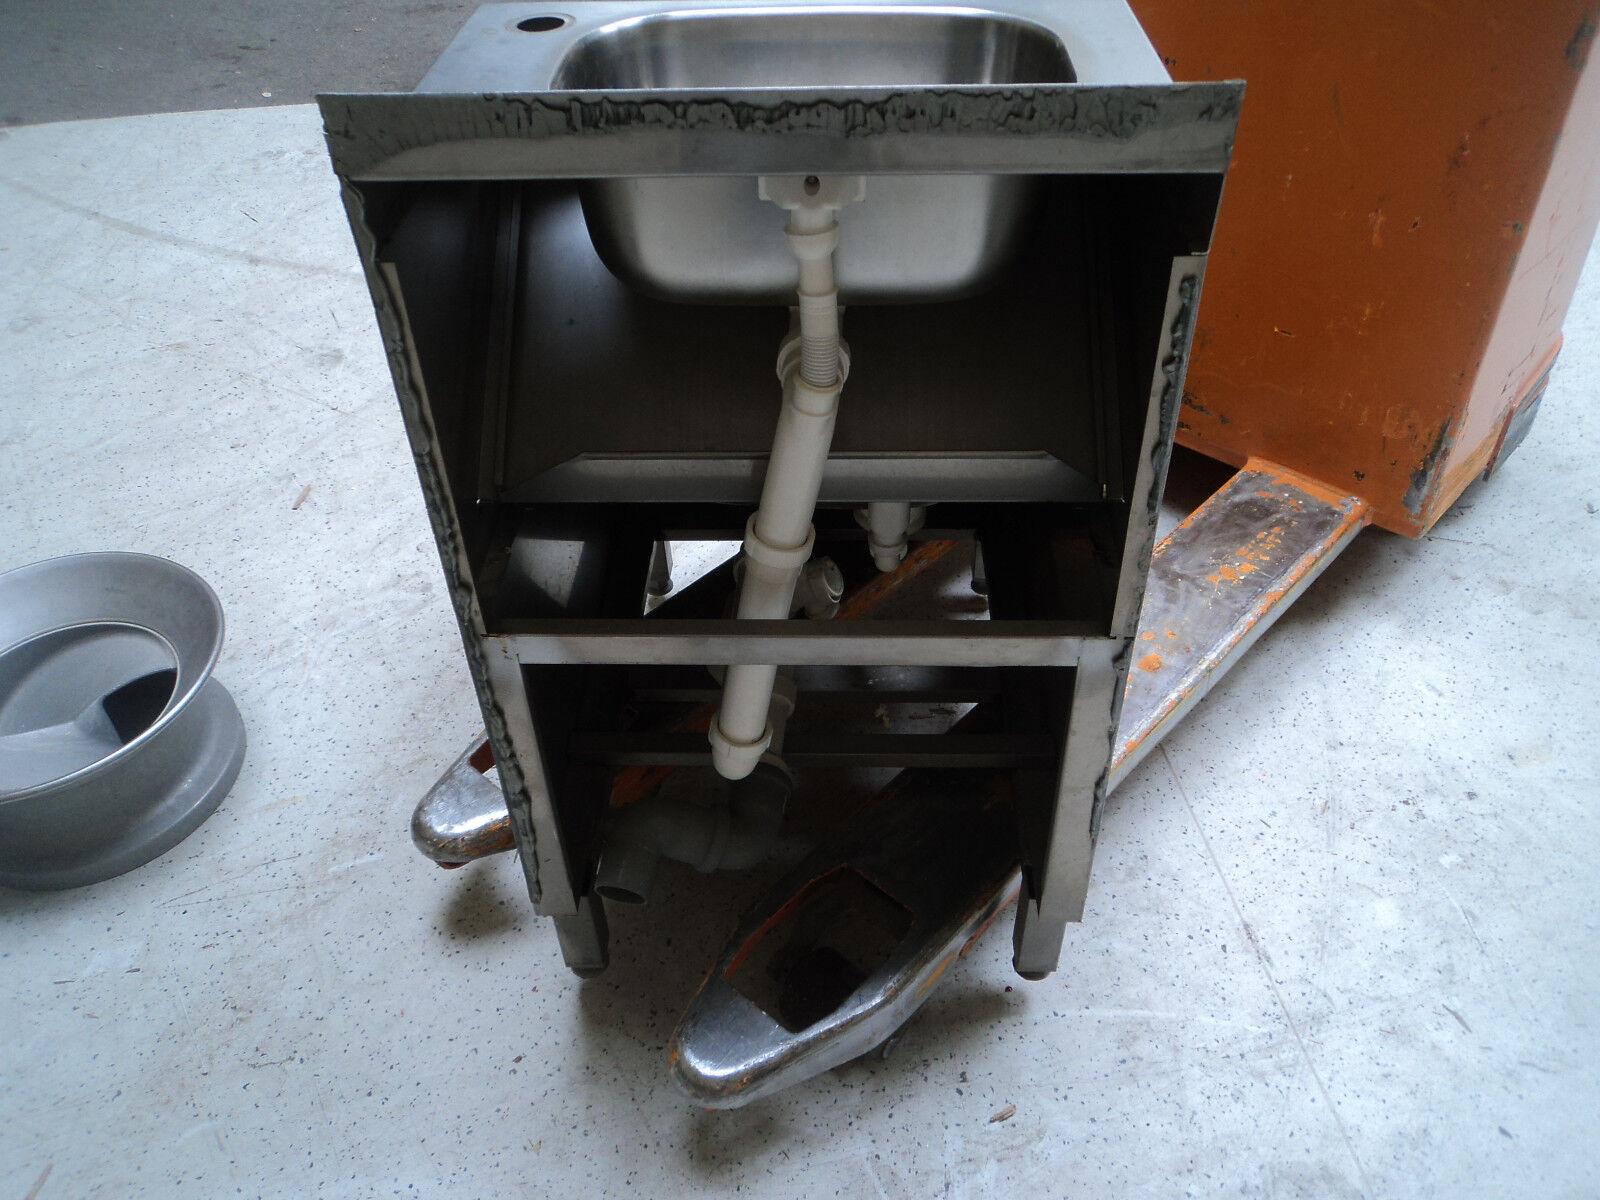 Waschbecken gebraucht ausgu becken waschbecken - Waschbecken gebraucht ...